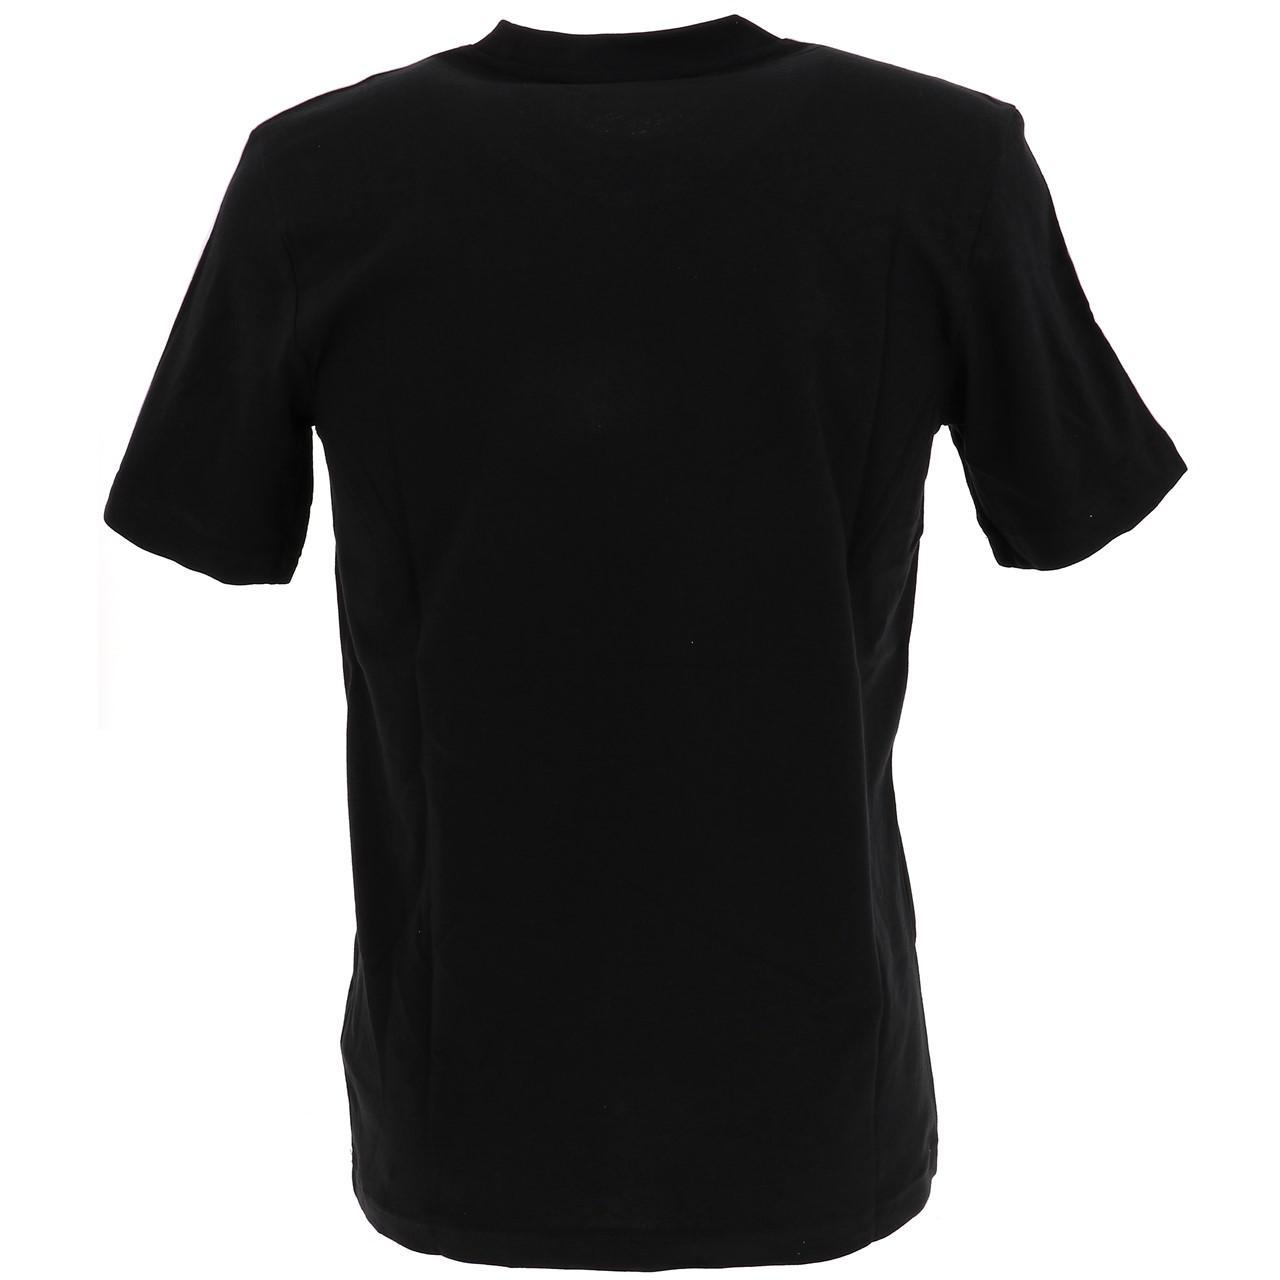 Short-Adidas-E-3s-Mc-Tee-Black-Wht-Black-16694-New thumbnail 5